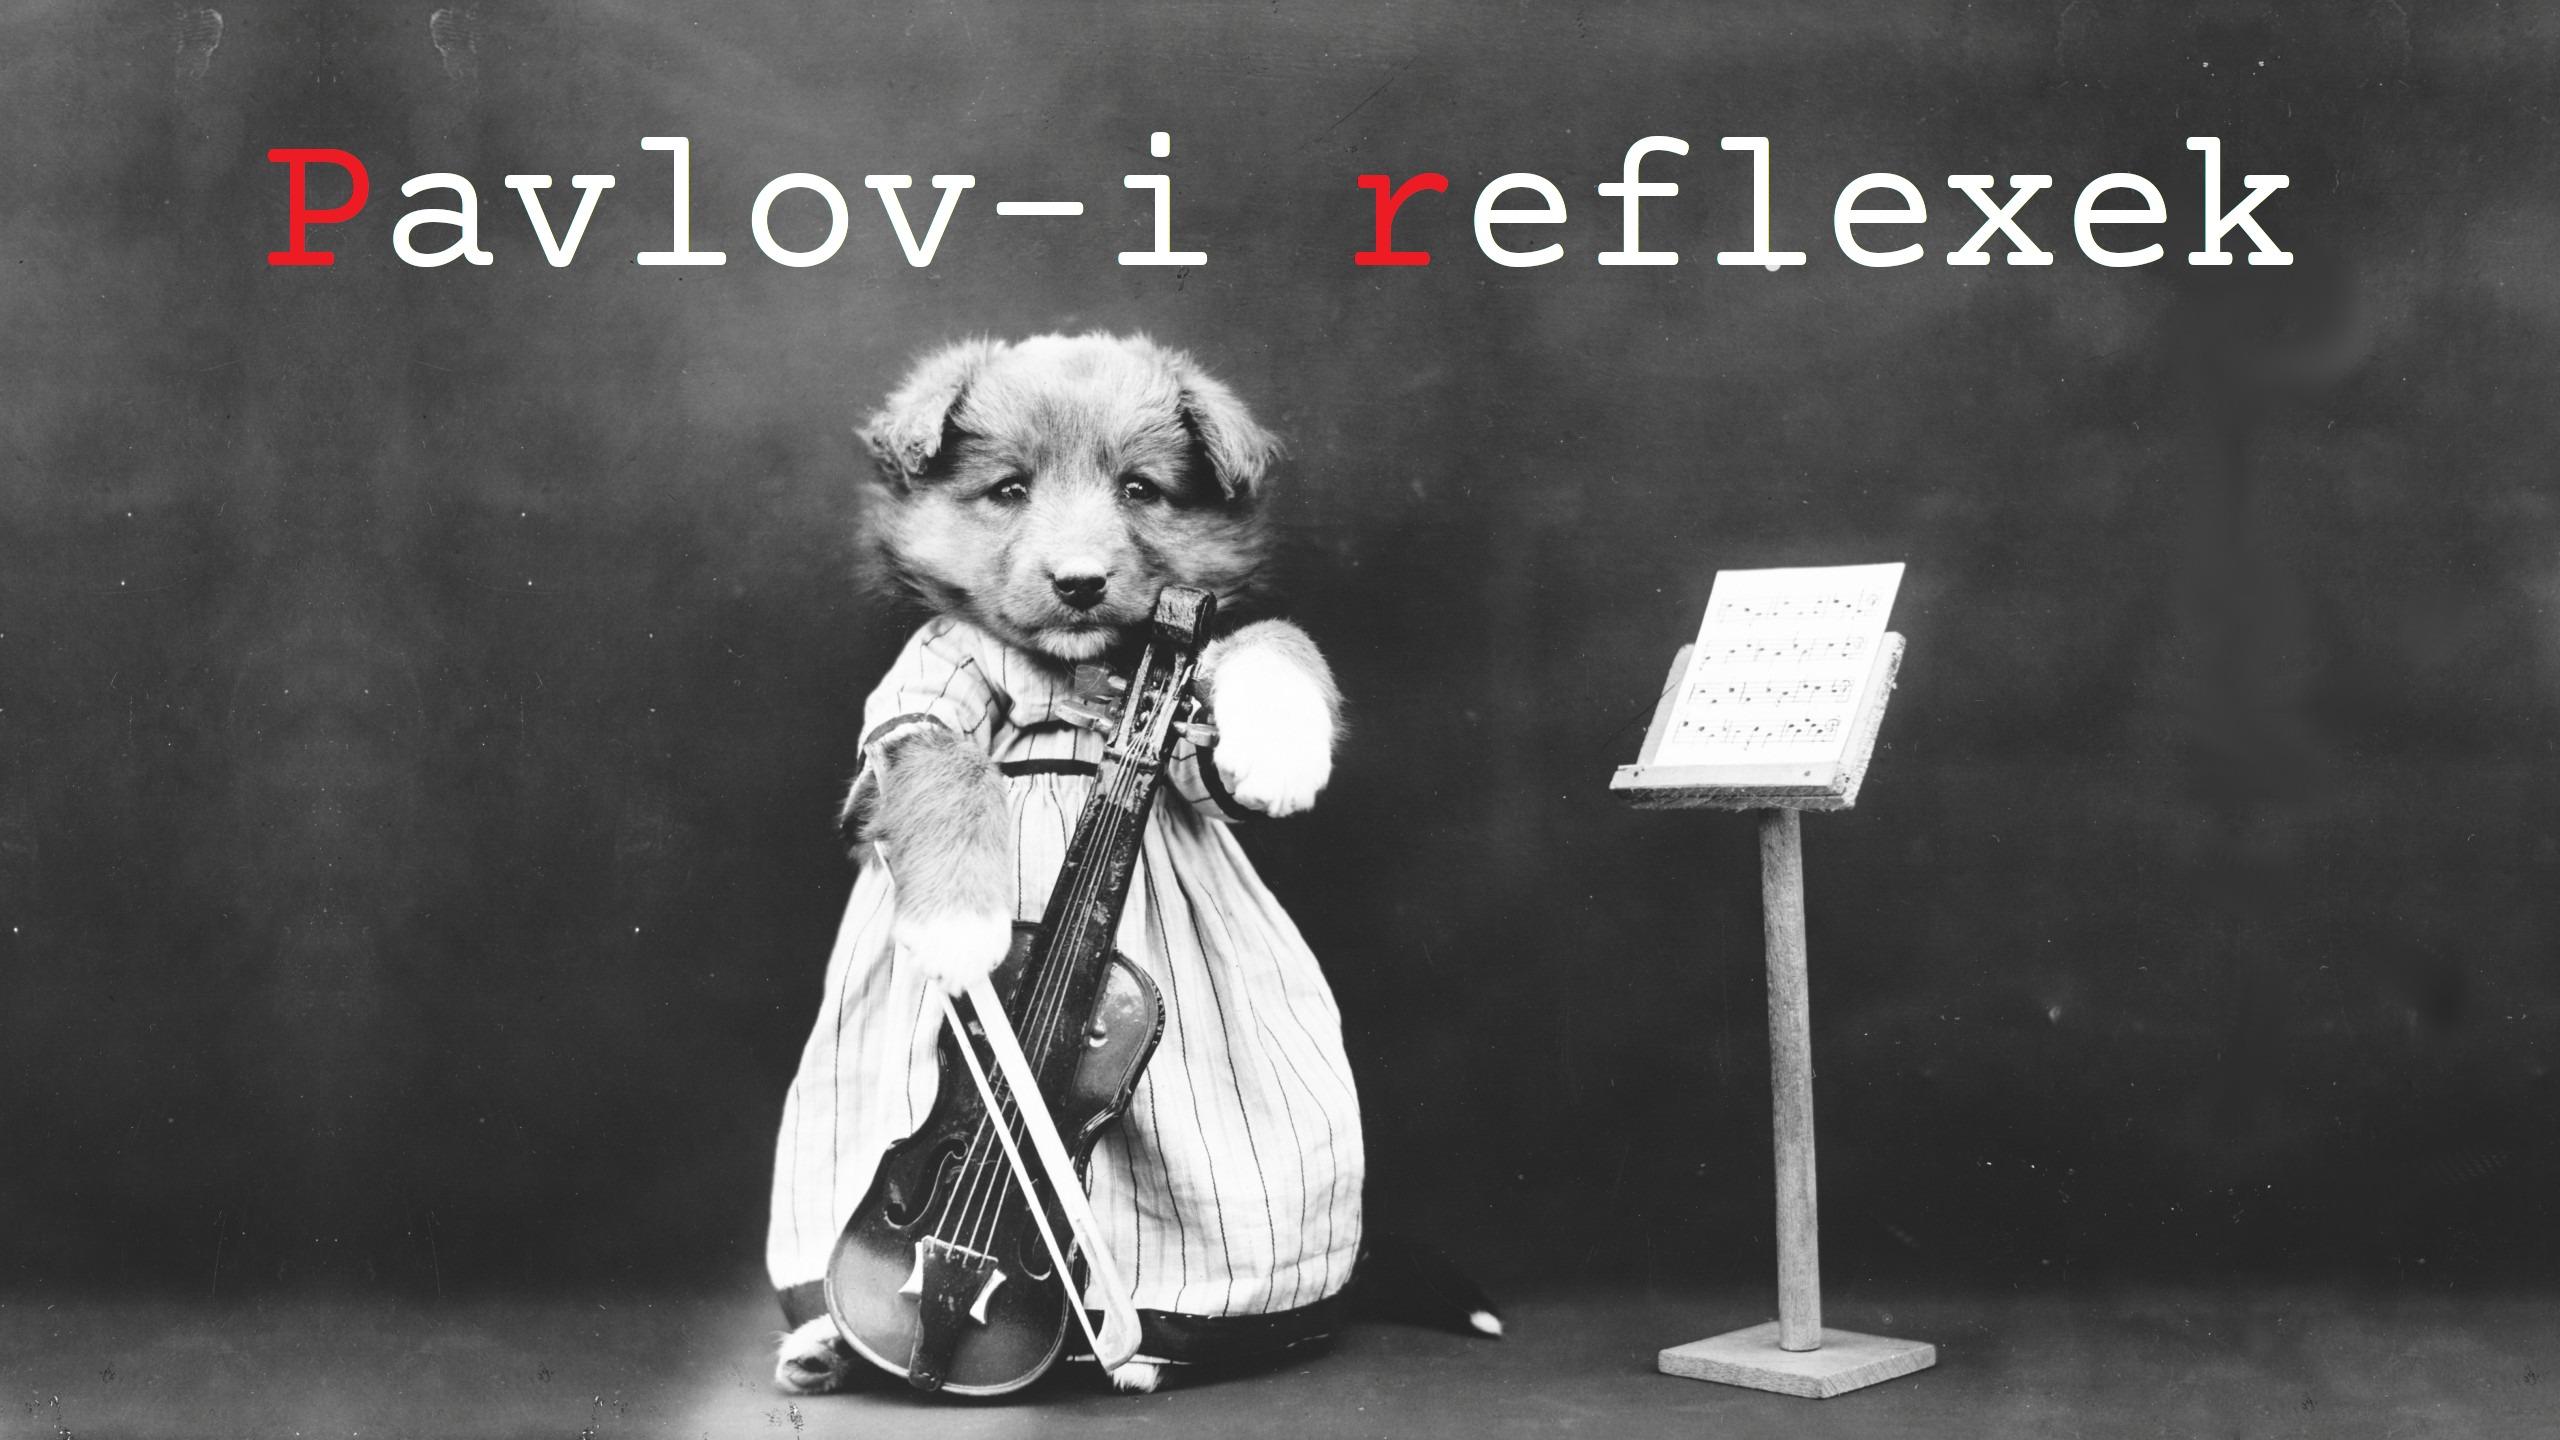 Pavlov-i reflexek